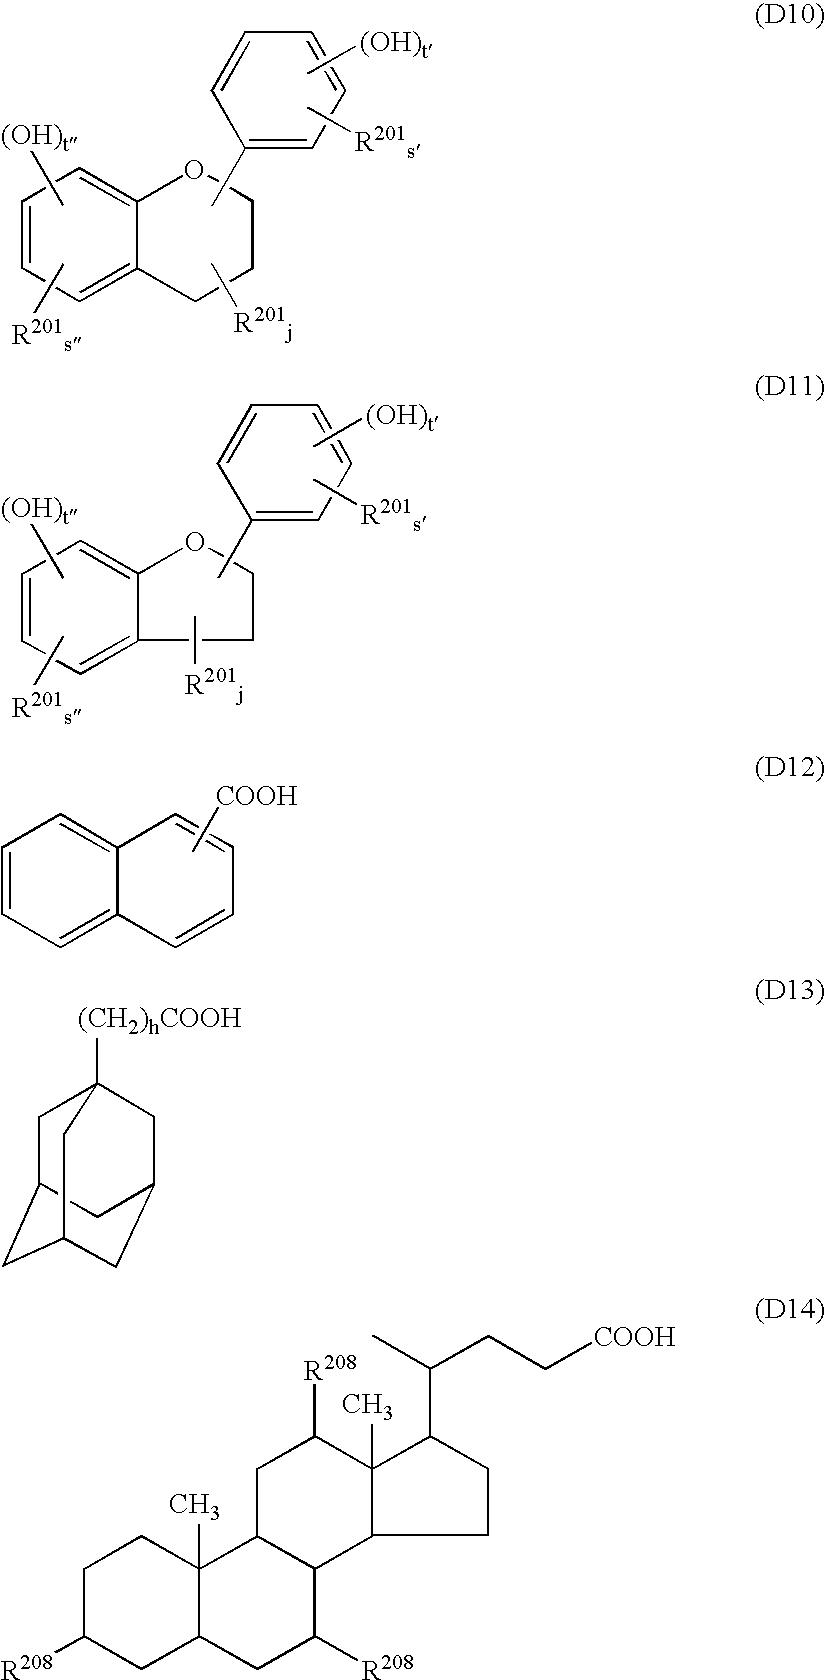 Figure US20070231738A1-20071004-C00068